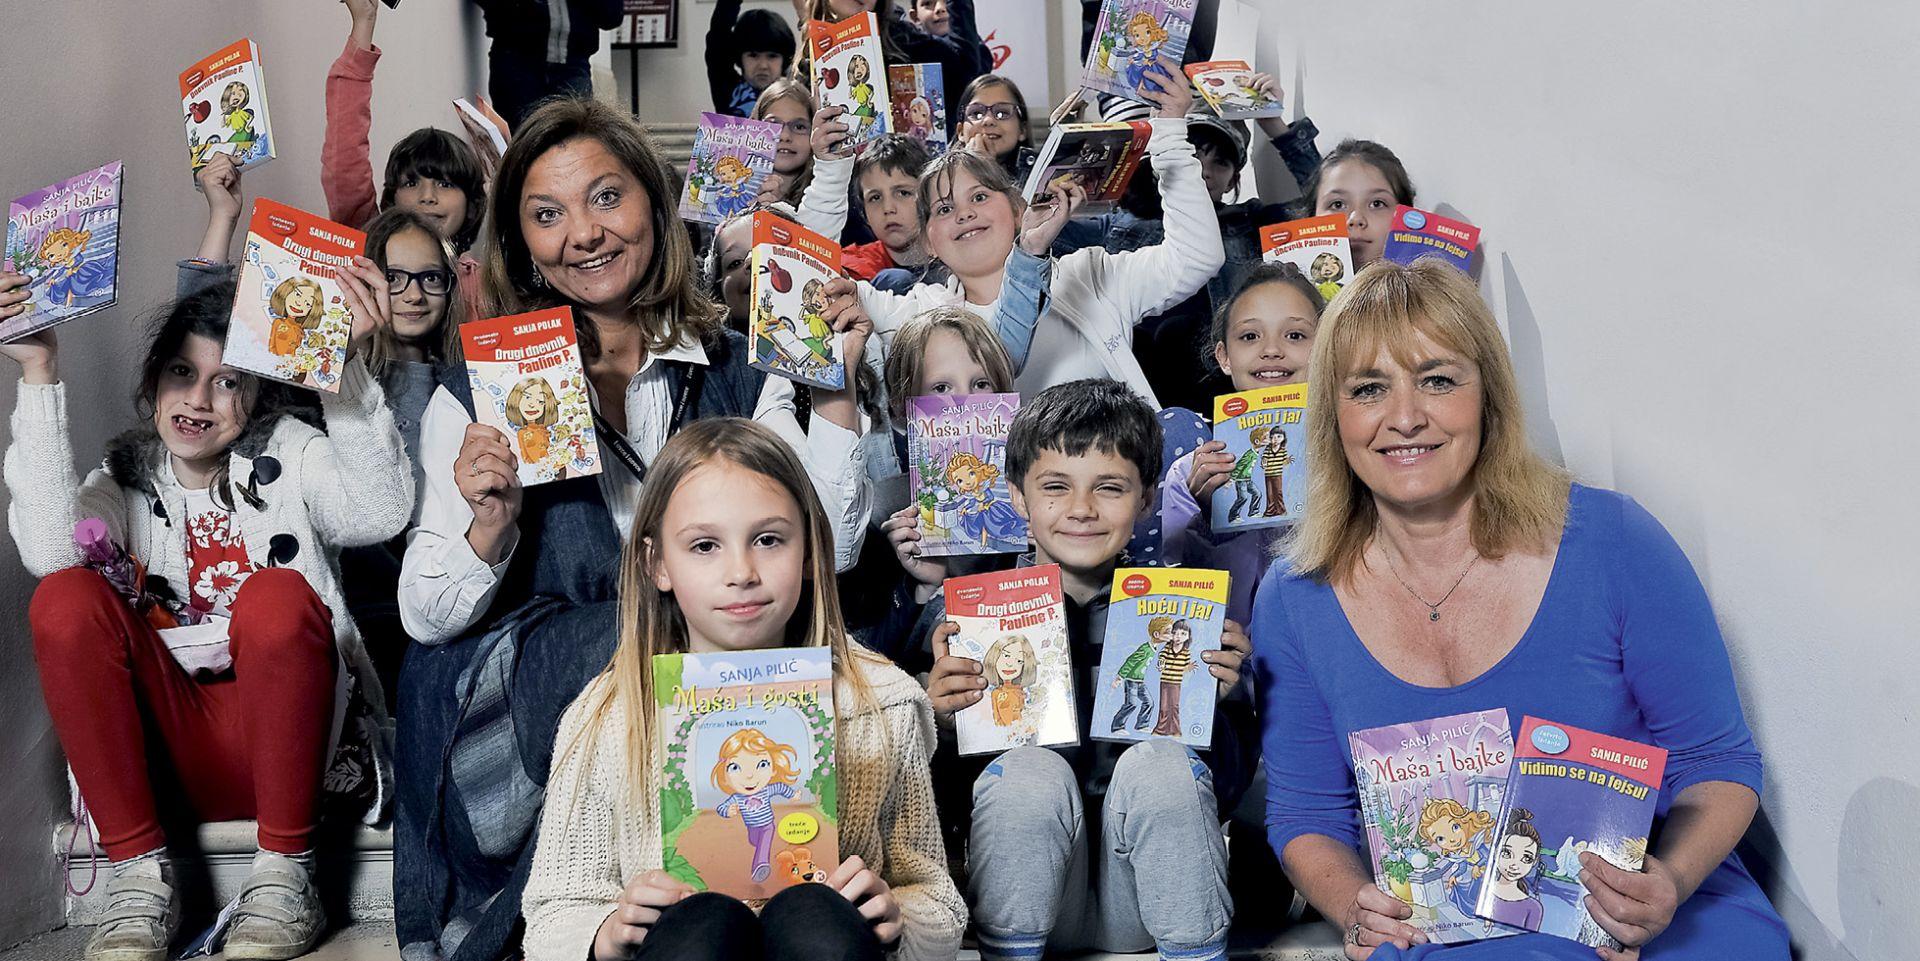 Ne prestaje svađa hrvatskih izdavača dječje knjige s Ministarstvom kulture